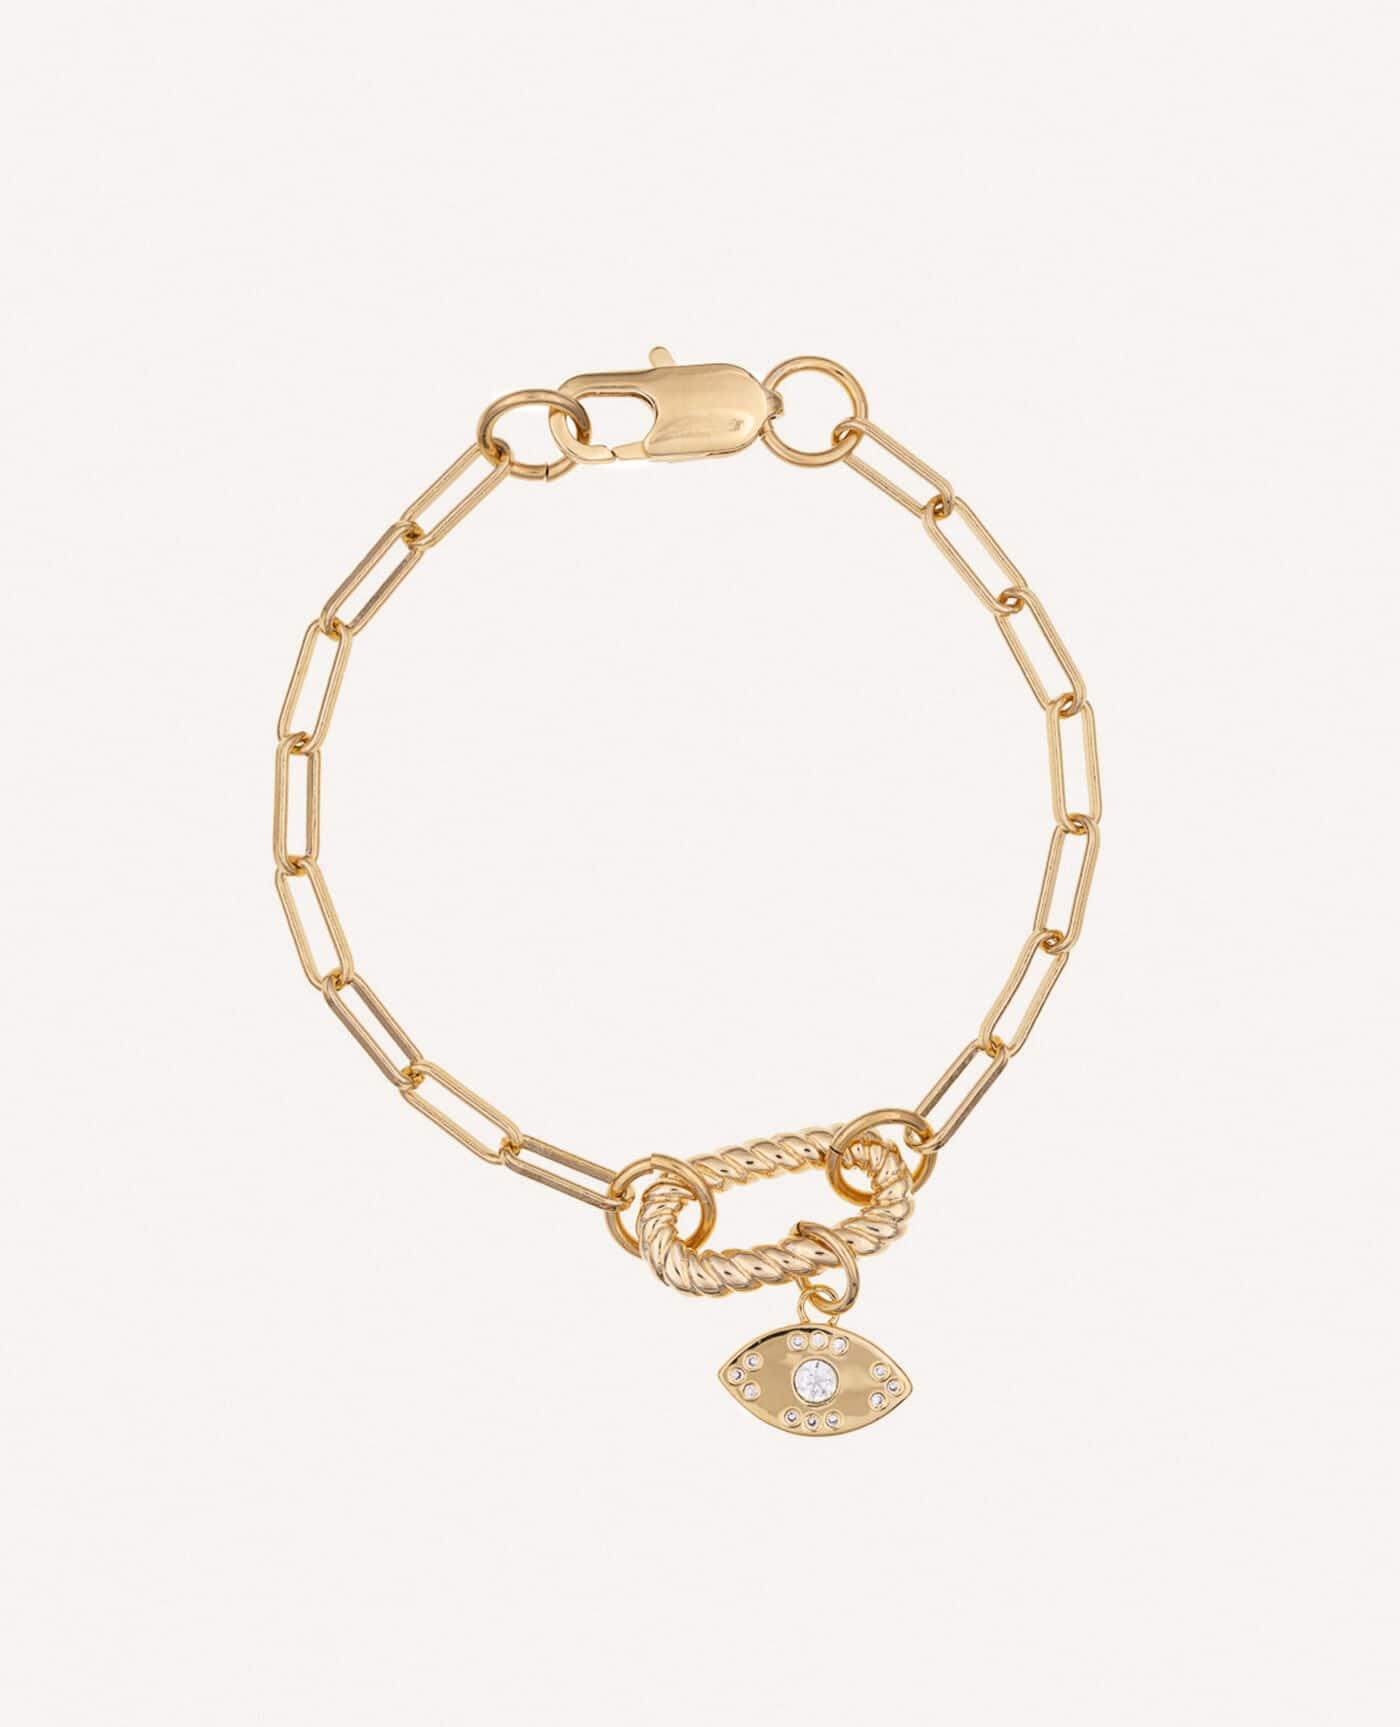 Bracelet Garance en or avec oeil de la marque Luj Paris